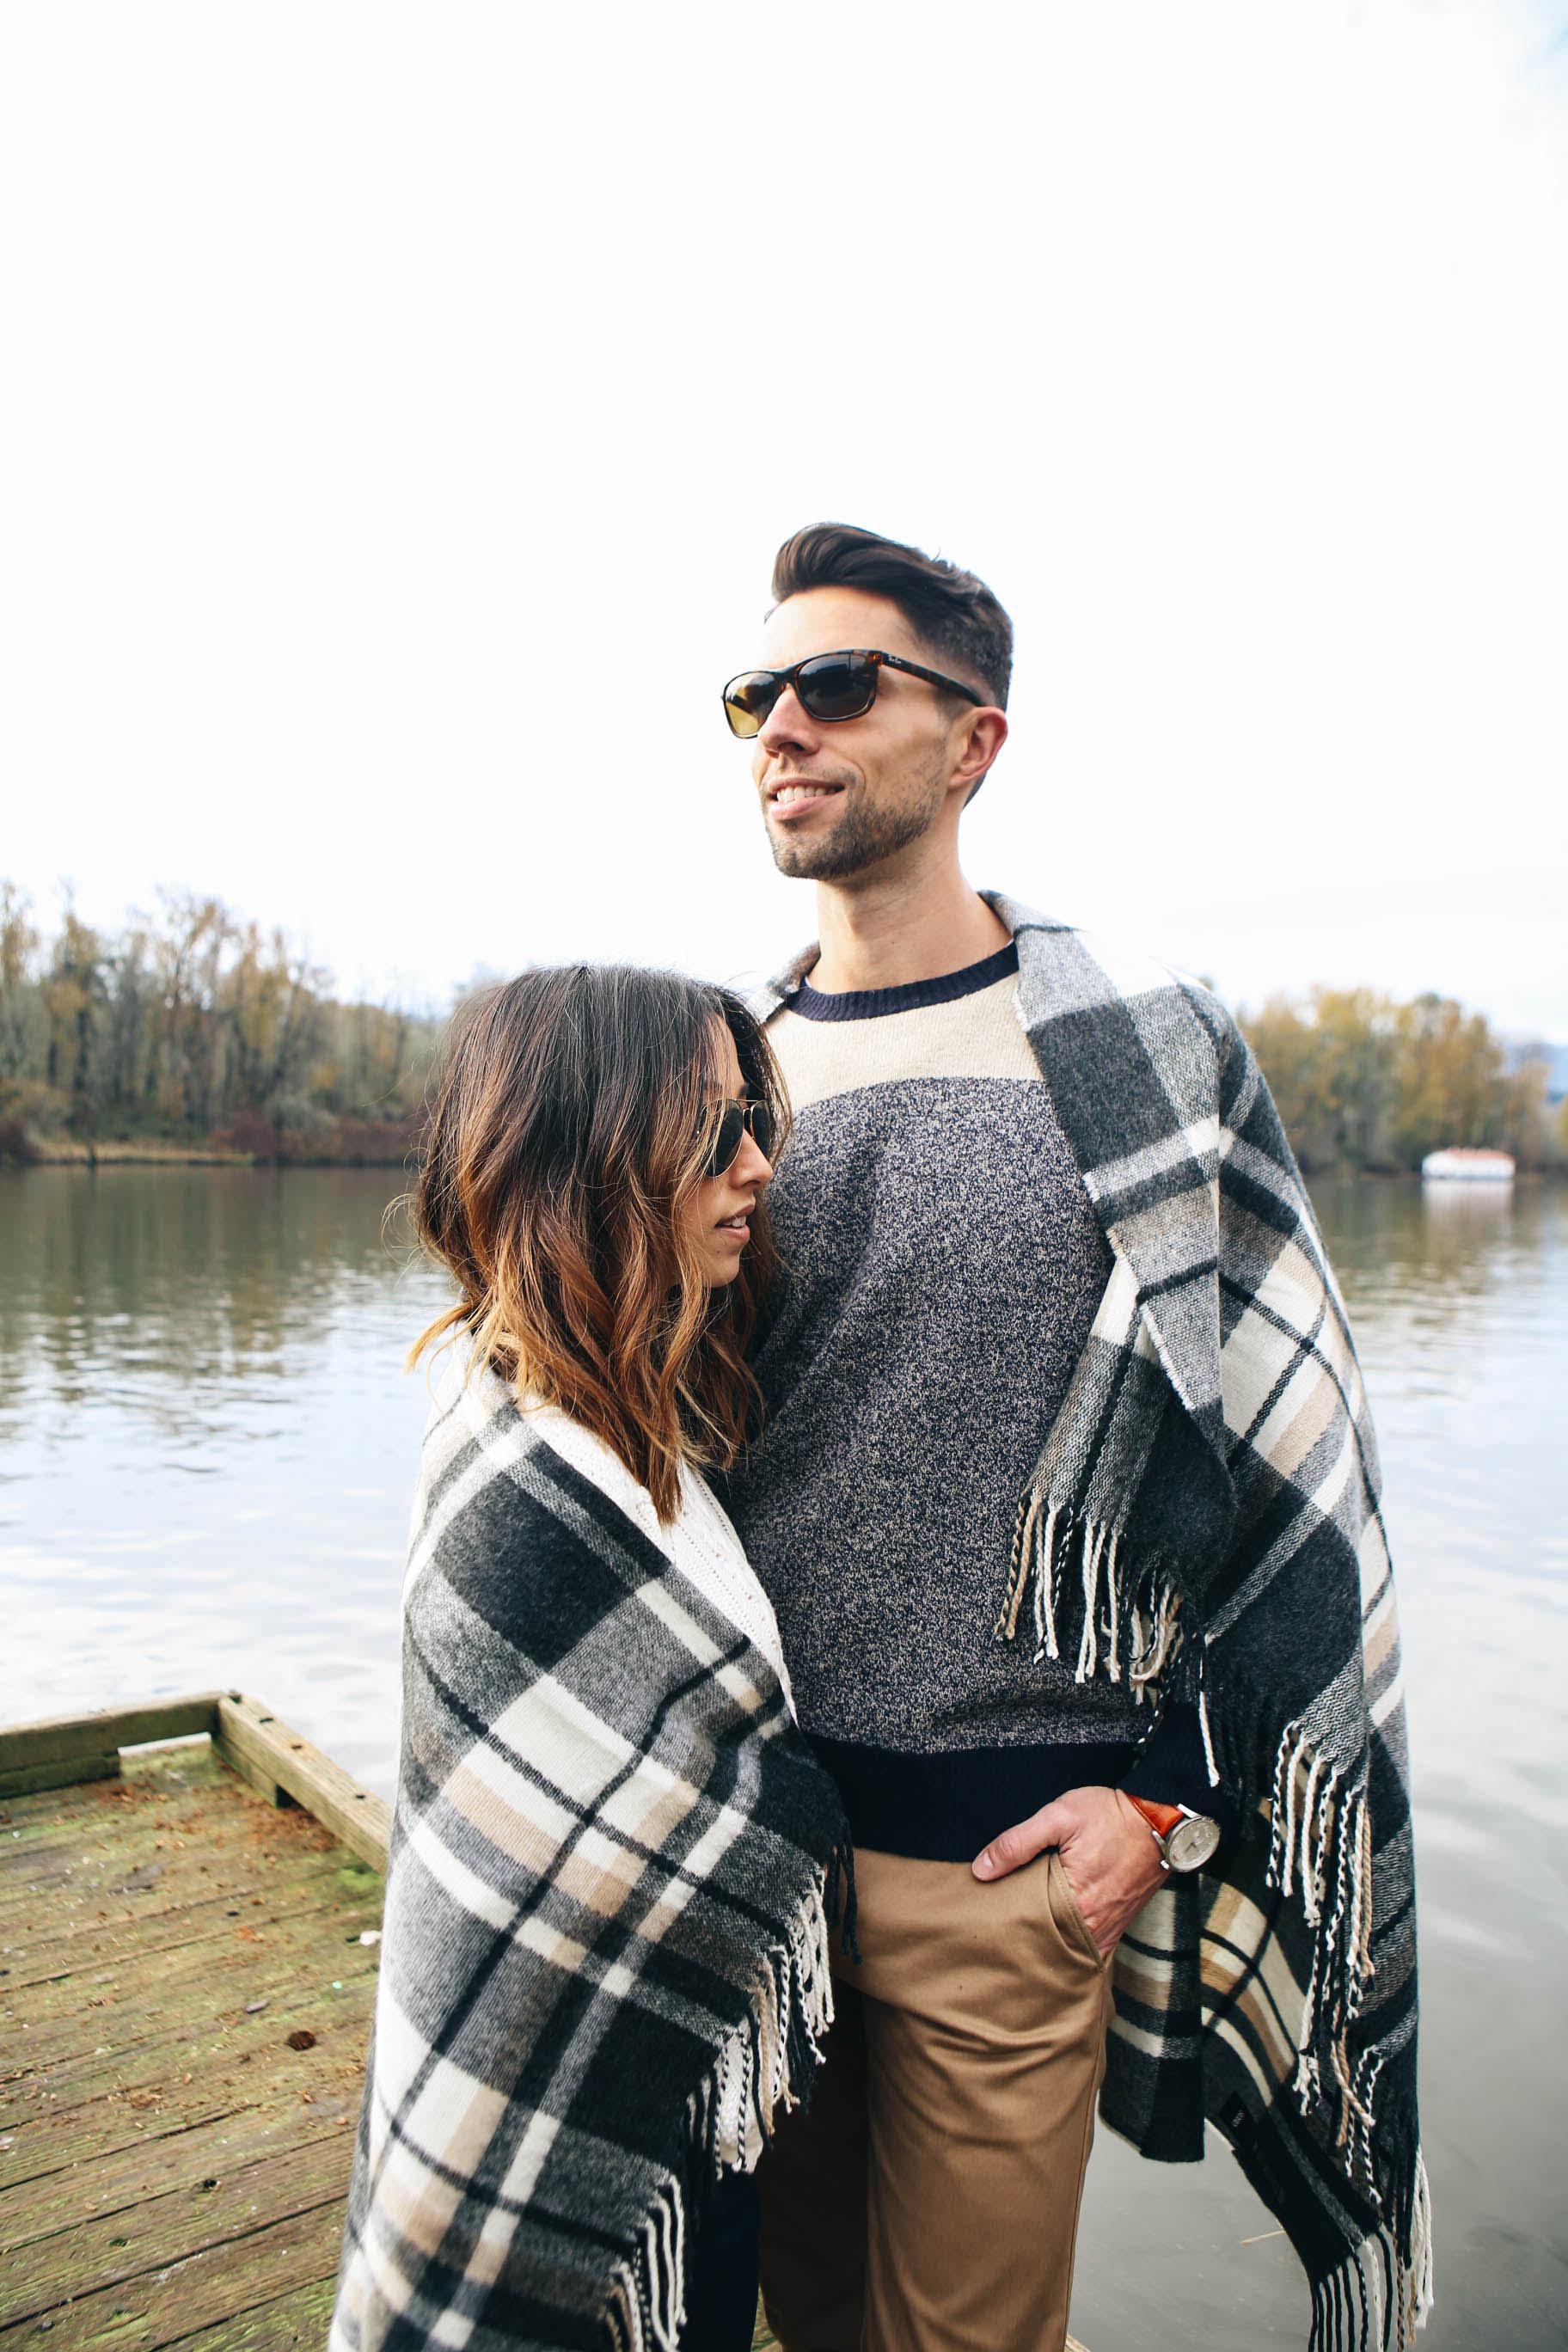 Ray ban sunglasses for couple - Ray Ban New Wayfarer Sunglasses